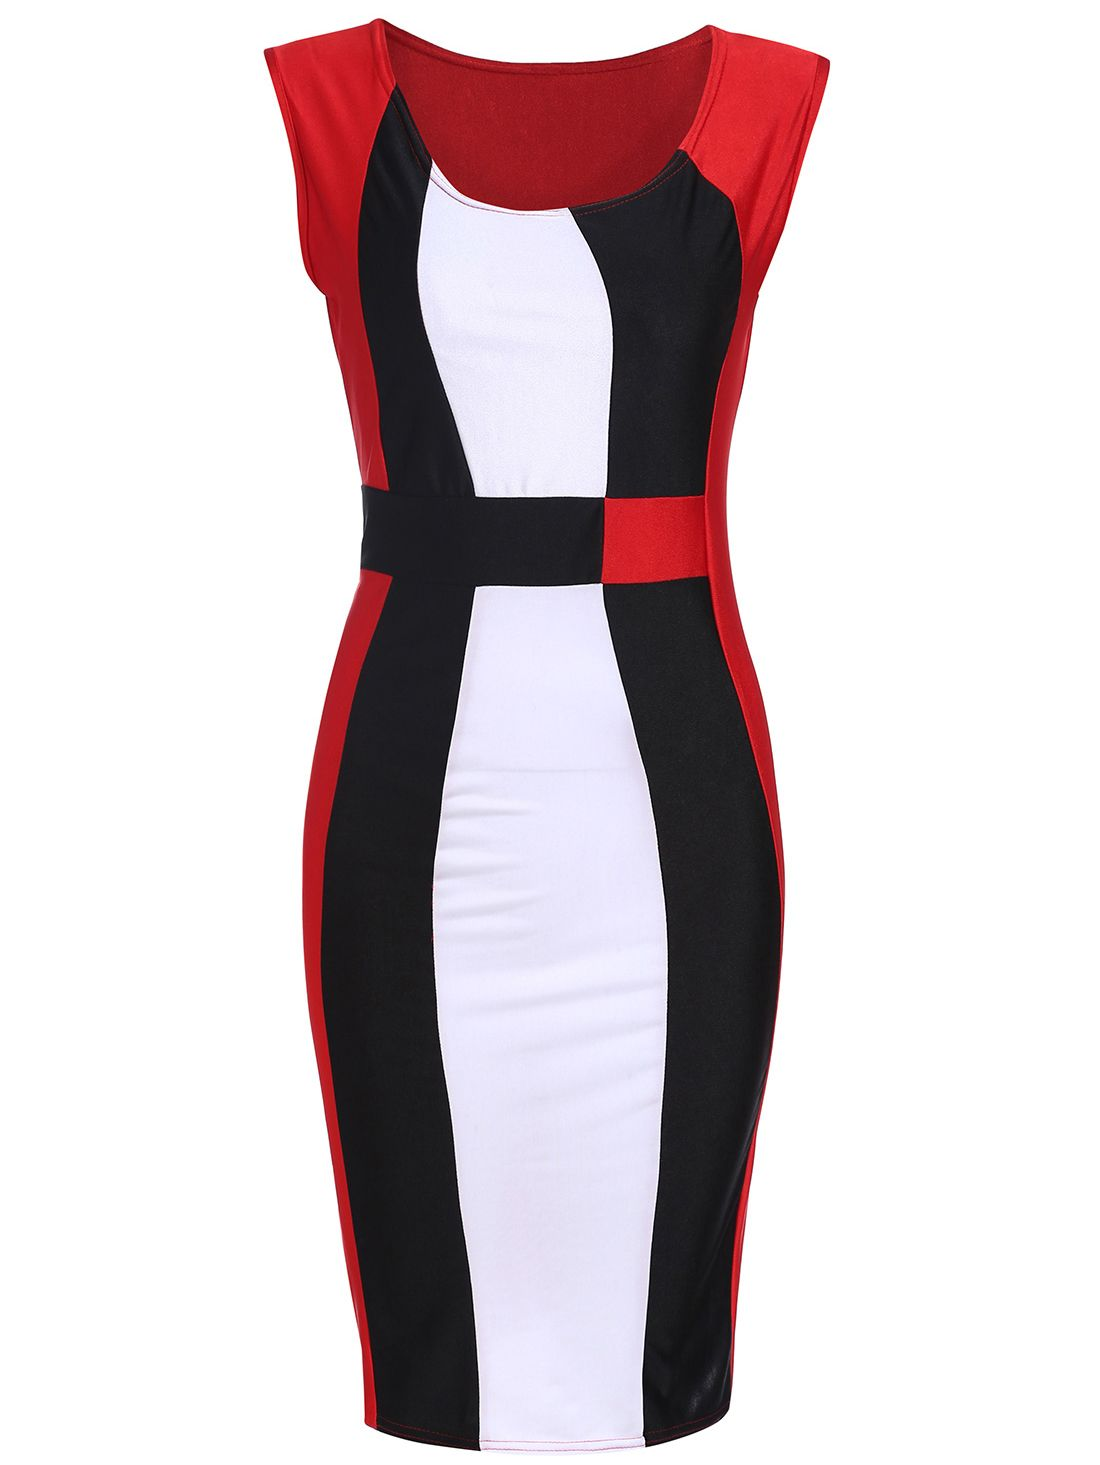 3b5d6c718646f ärmelloses Kleid mit Color-Blocking 11.66 | schwarz-weis-rot ...